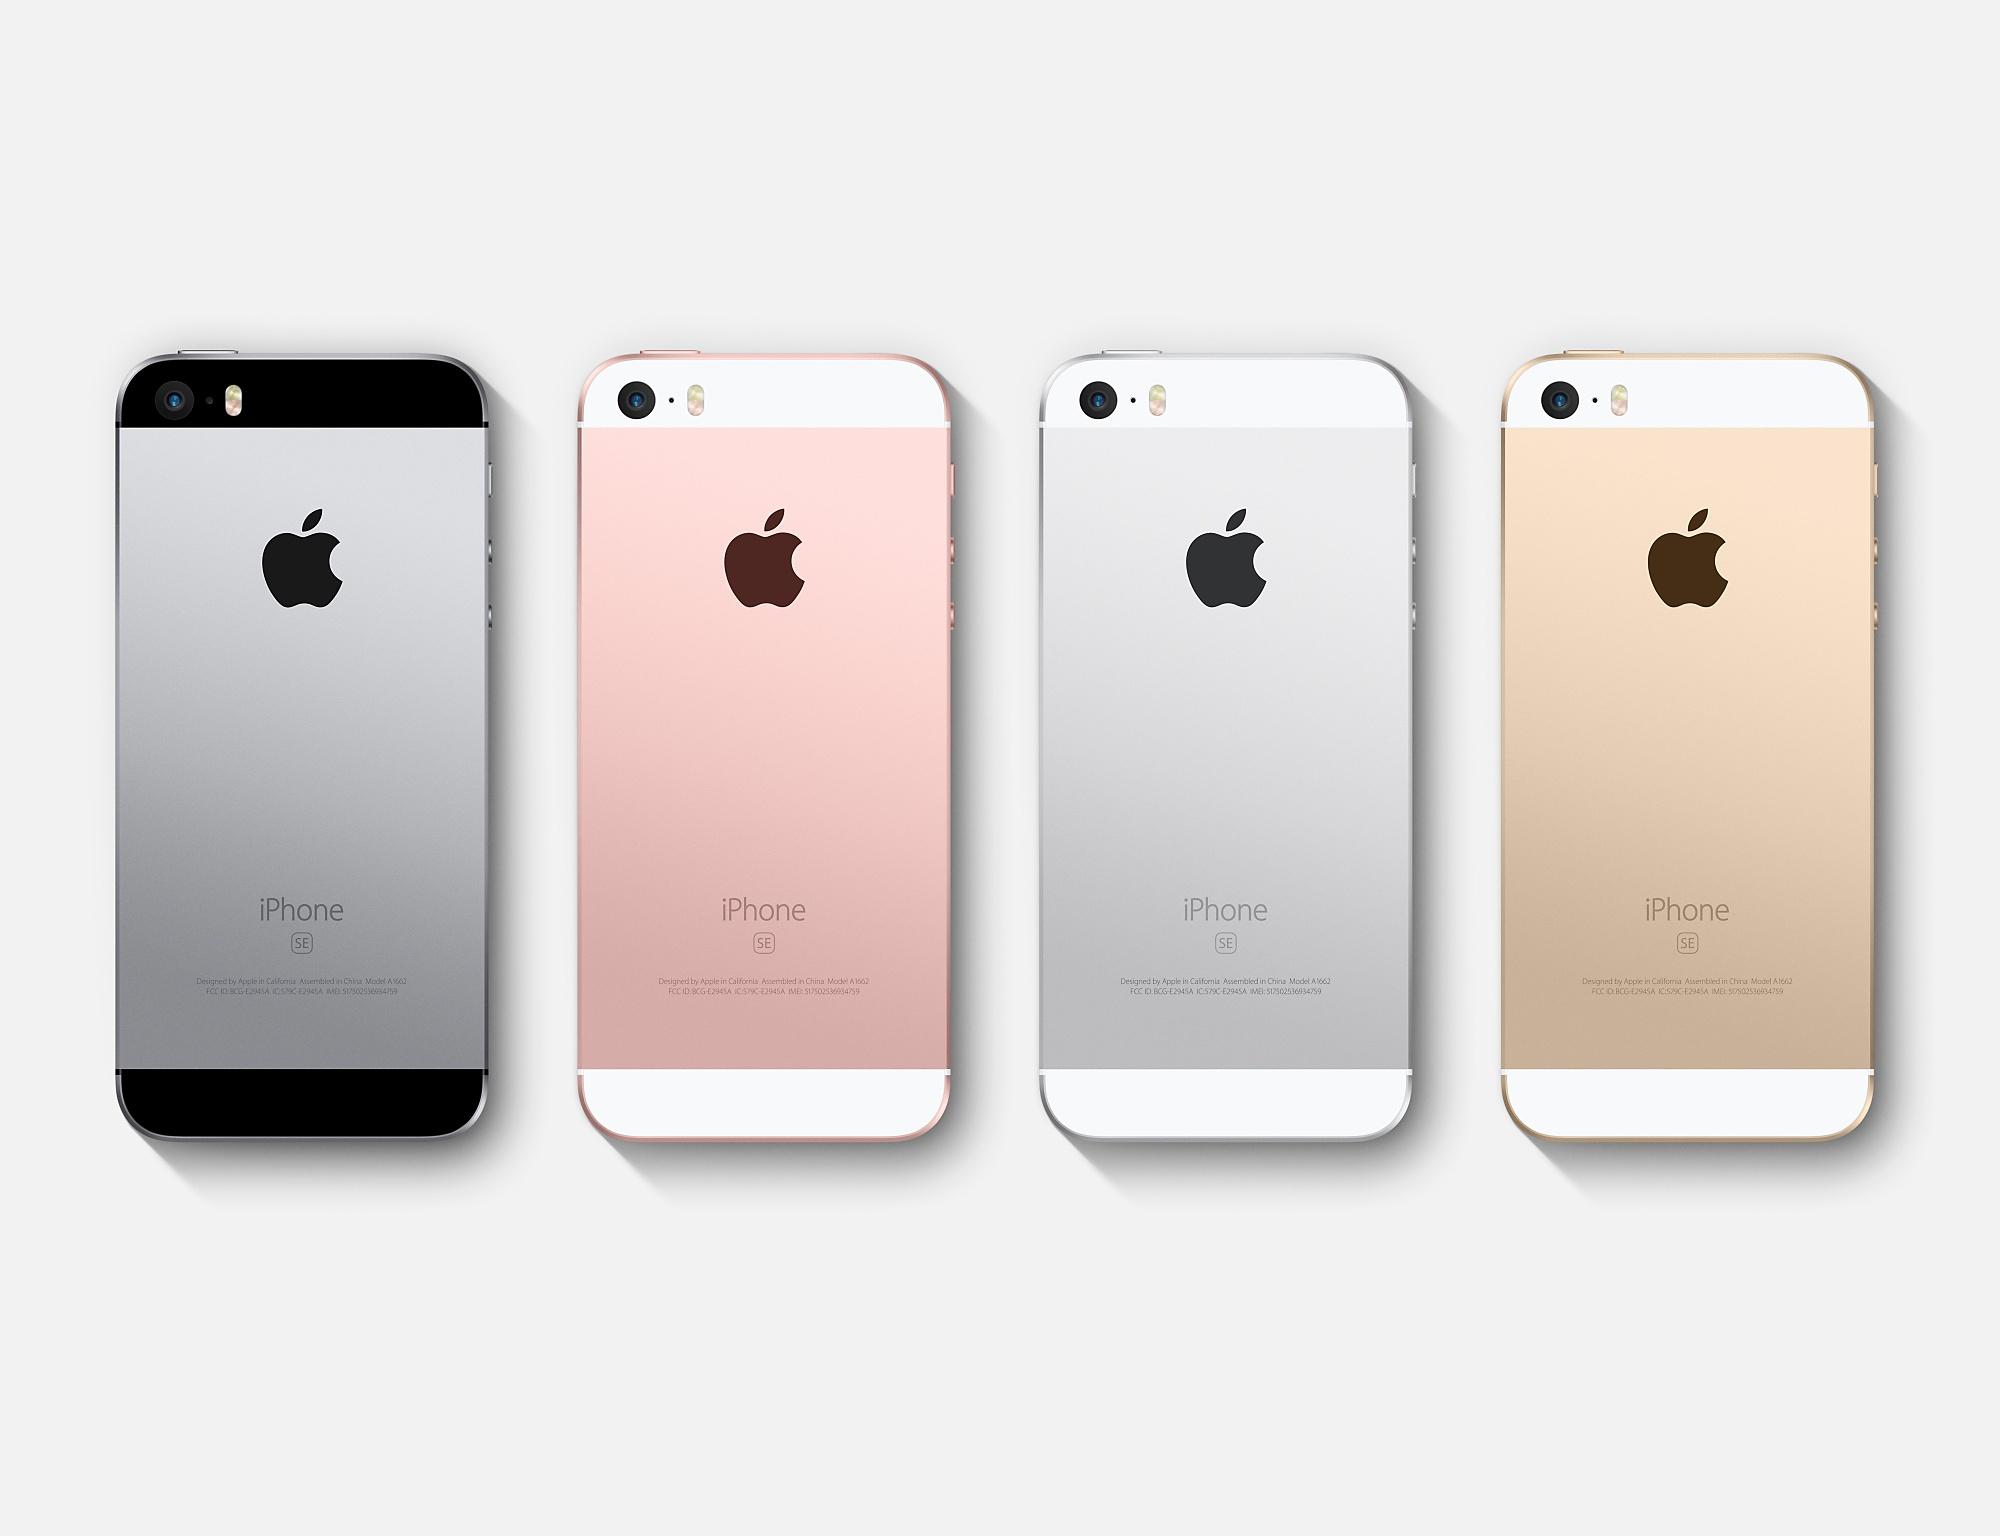 iPhone SE-k aurrera egin nahi du.  Zoritxarrez, espirituala bakarrik, oinarria iPhone bat izan behar delako 8